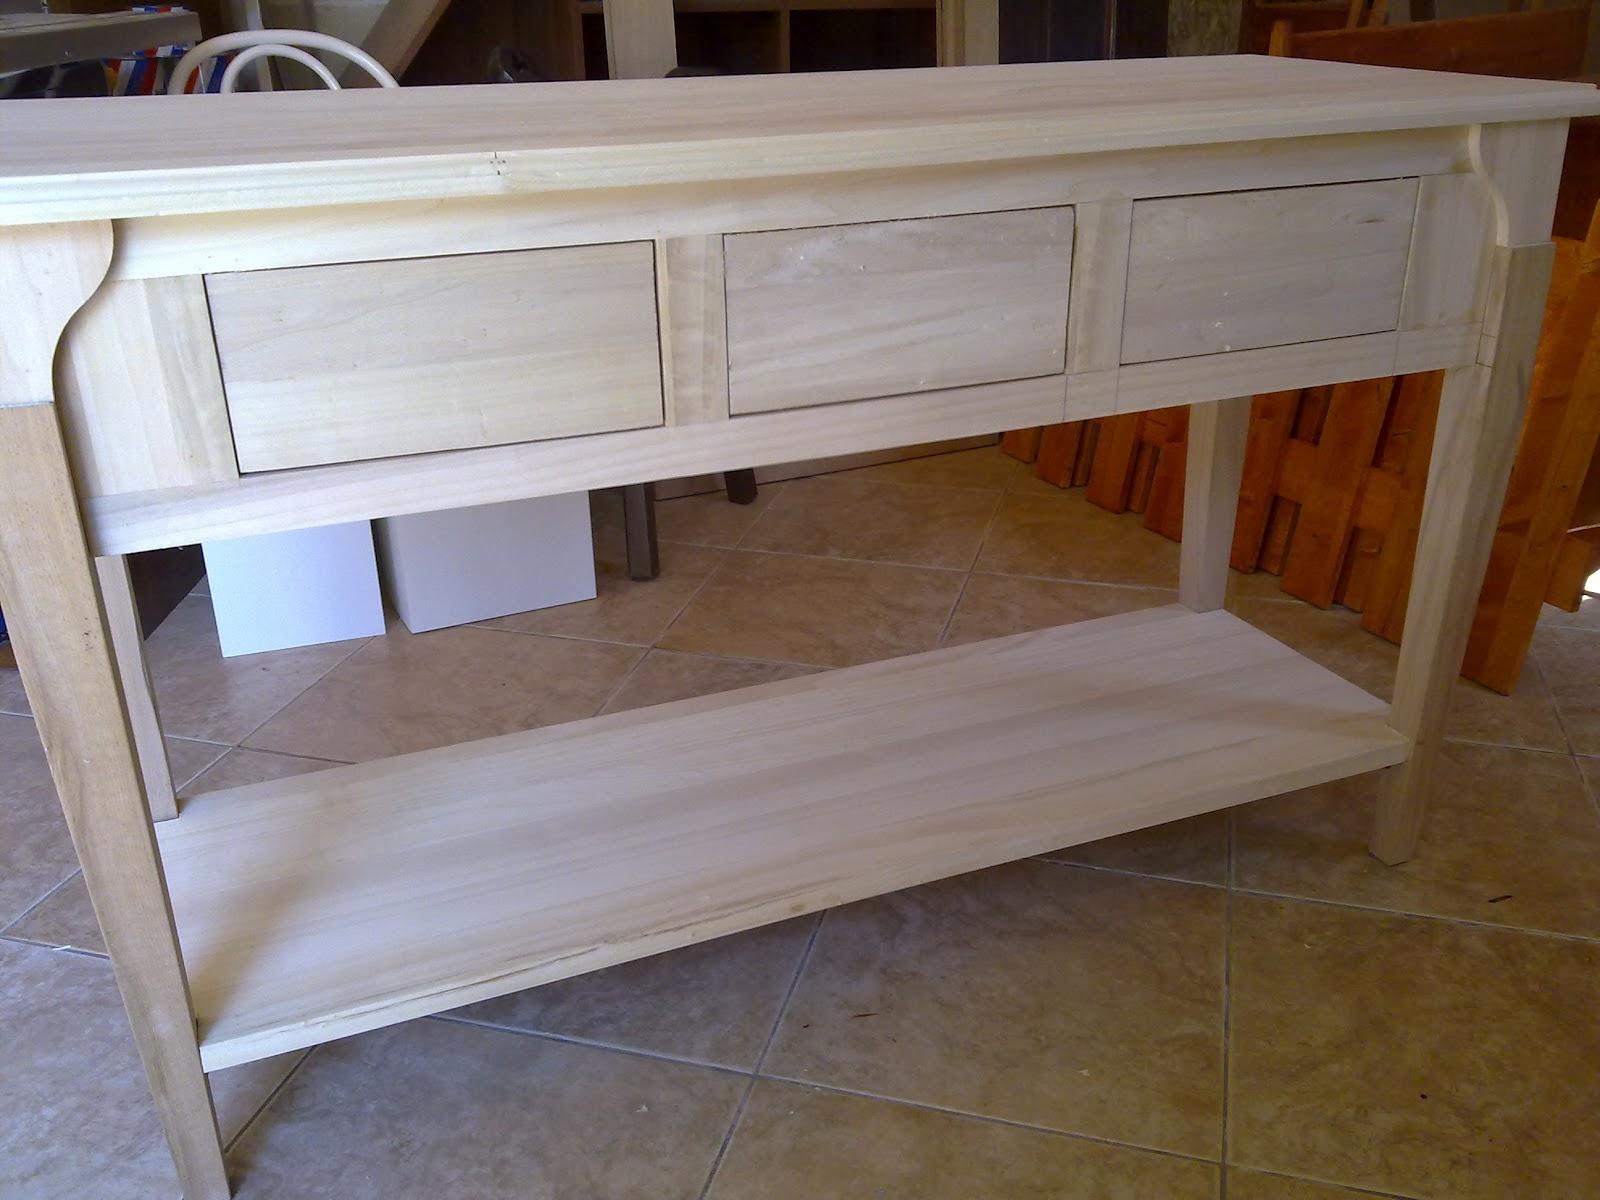 Fai da te hobby legno mobile da salotto - Mobile tv fai da te ...